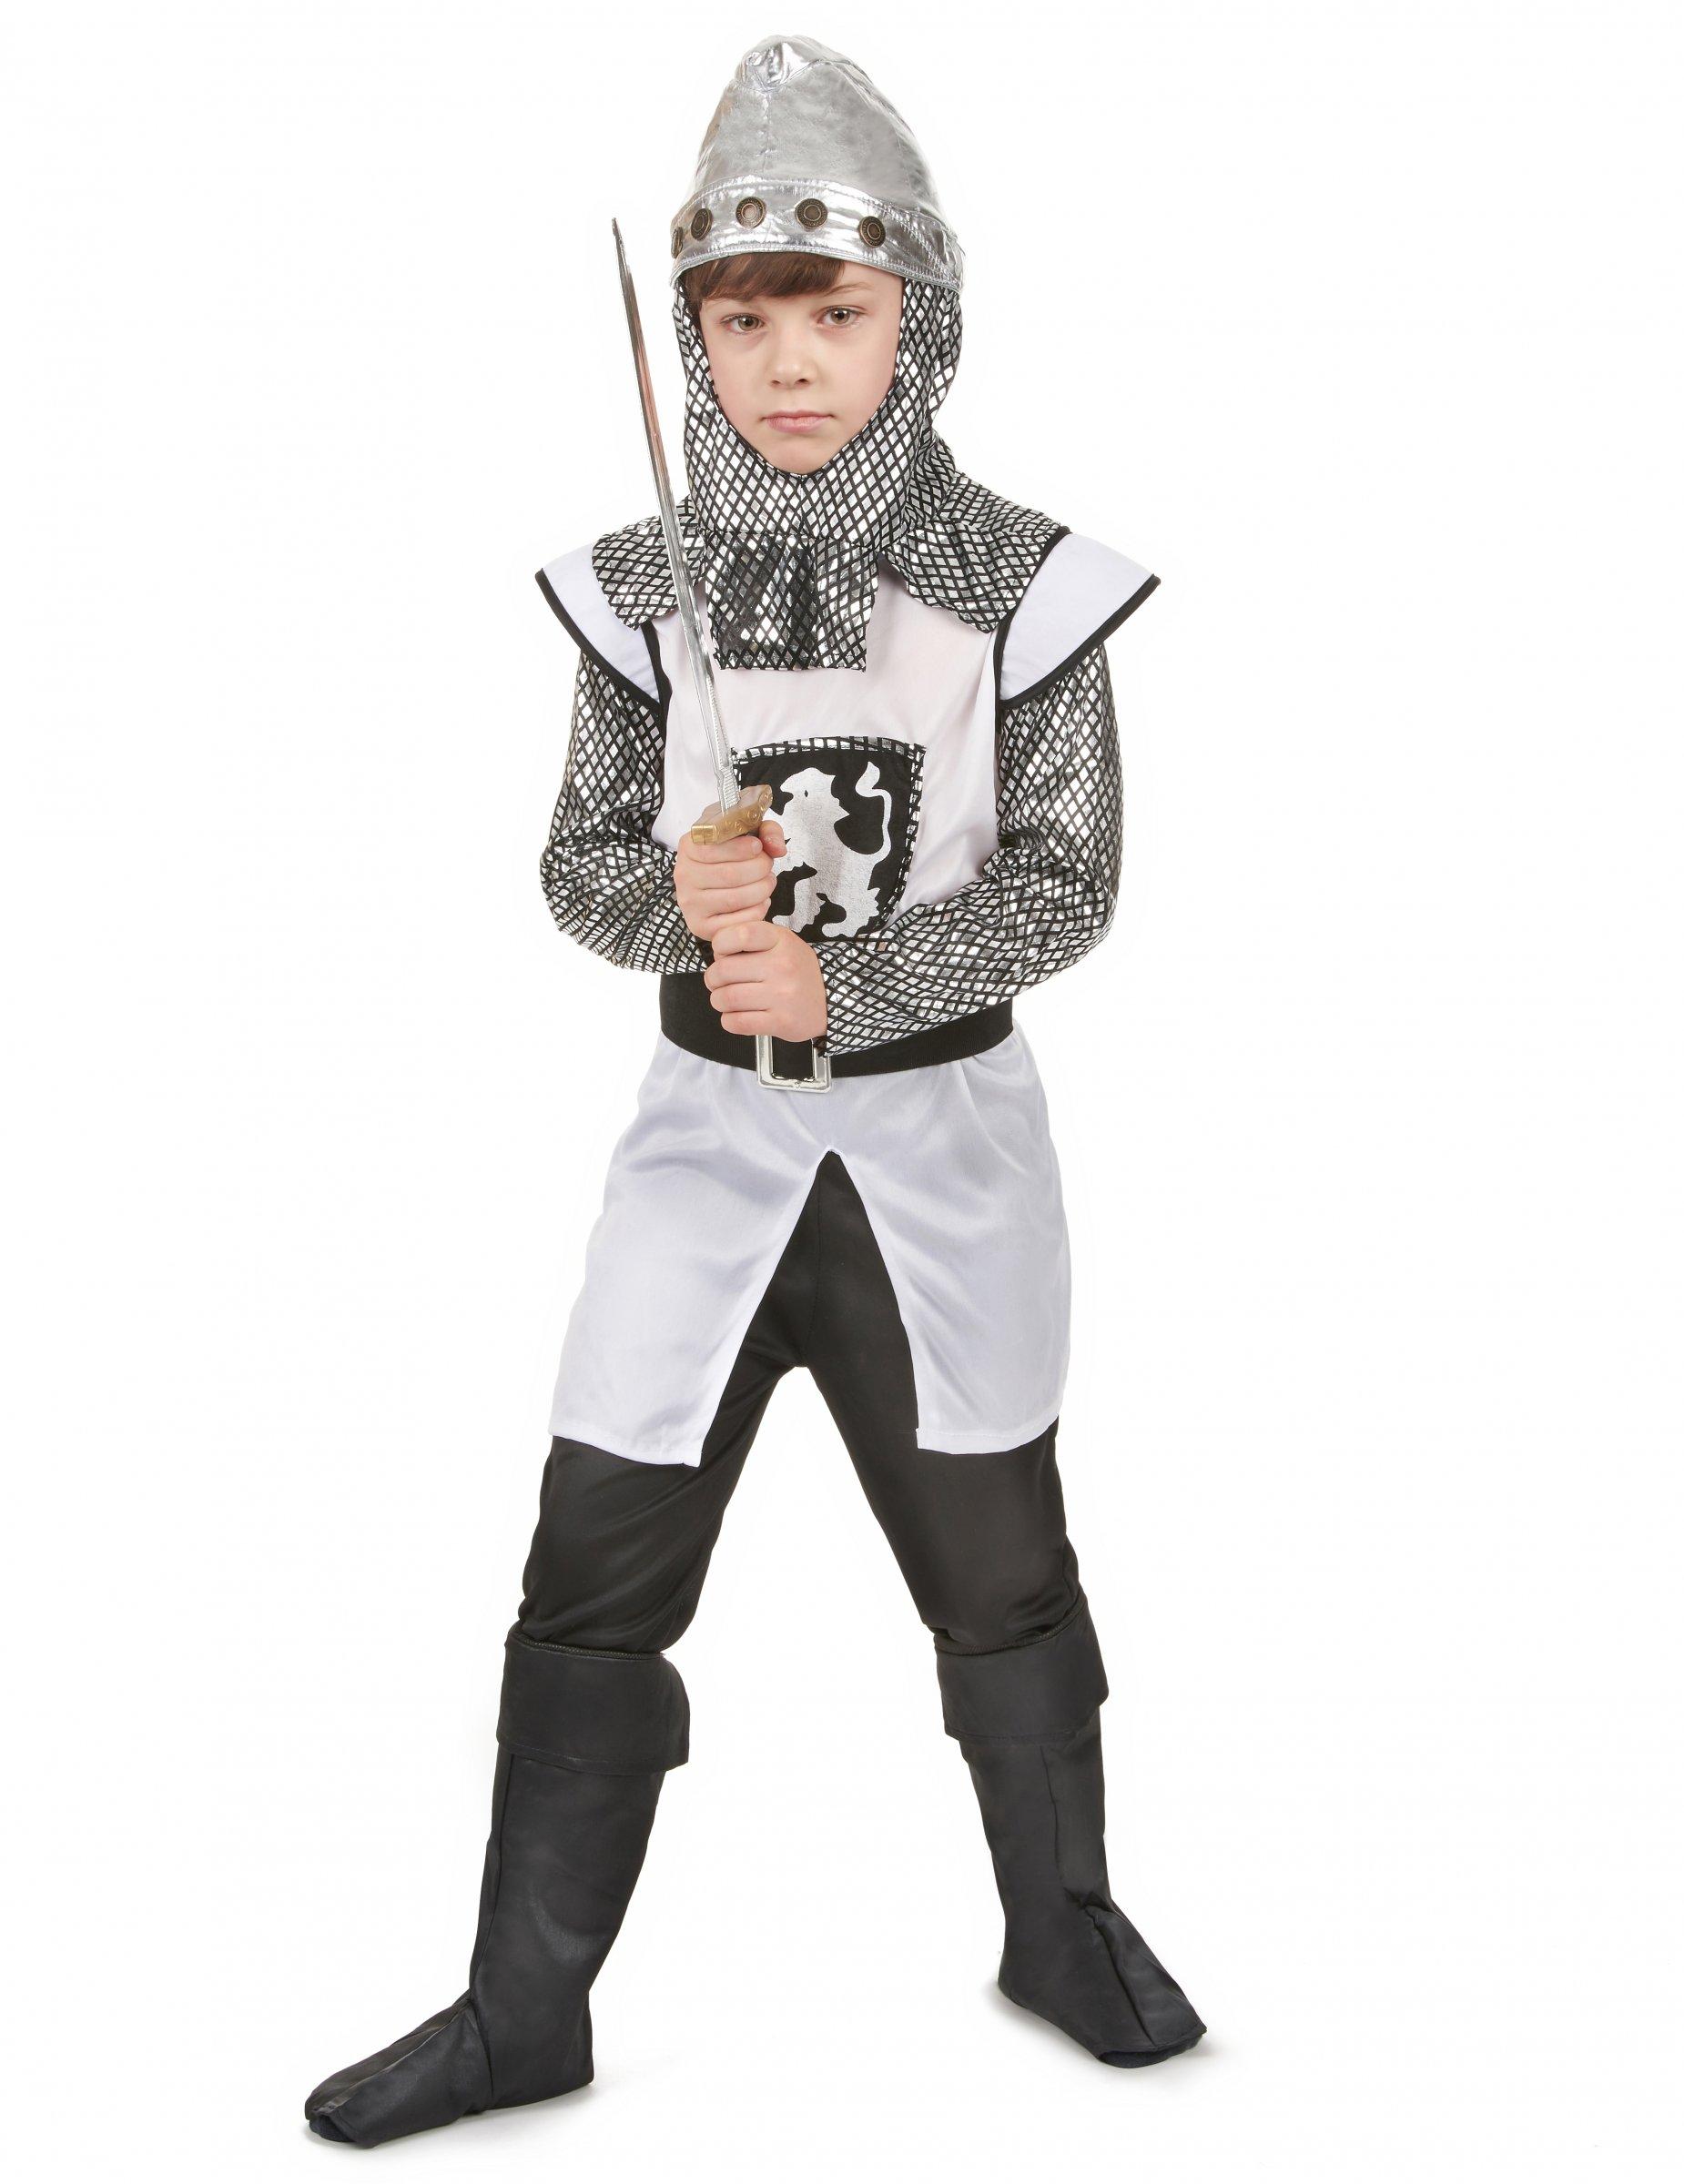 b6560dc80 Disfraces medievales infantiles para niños y niñas - Vegaoo.es